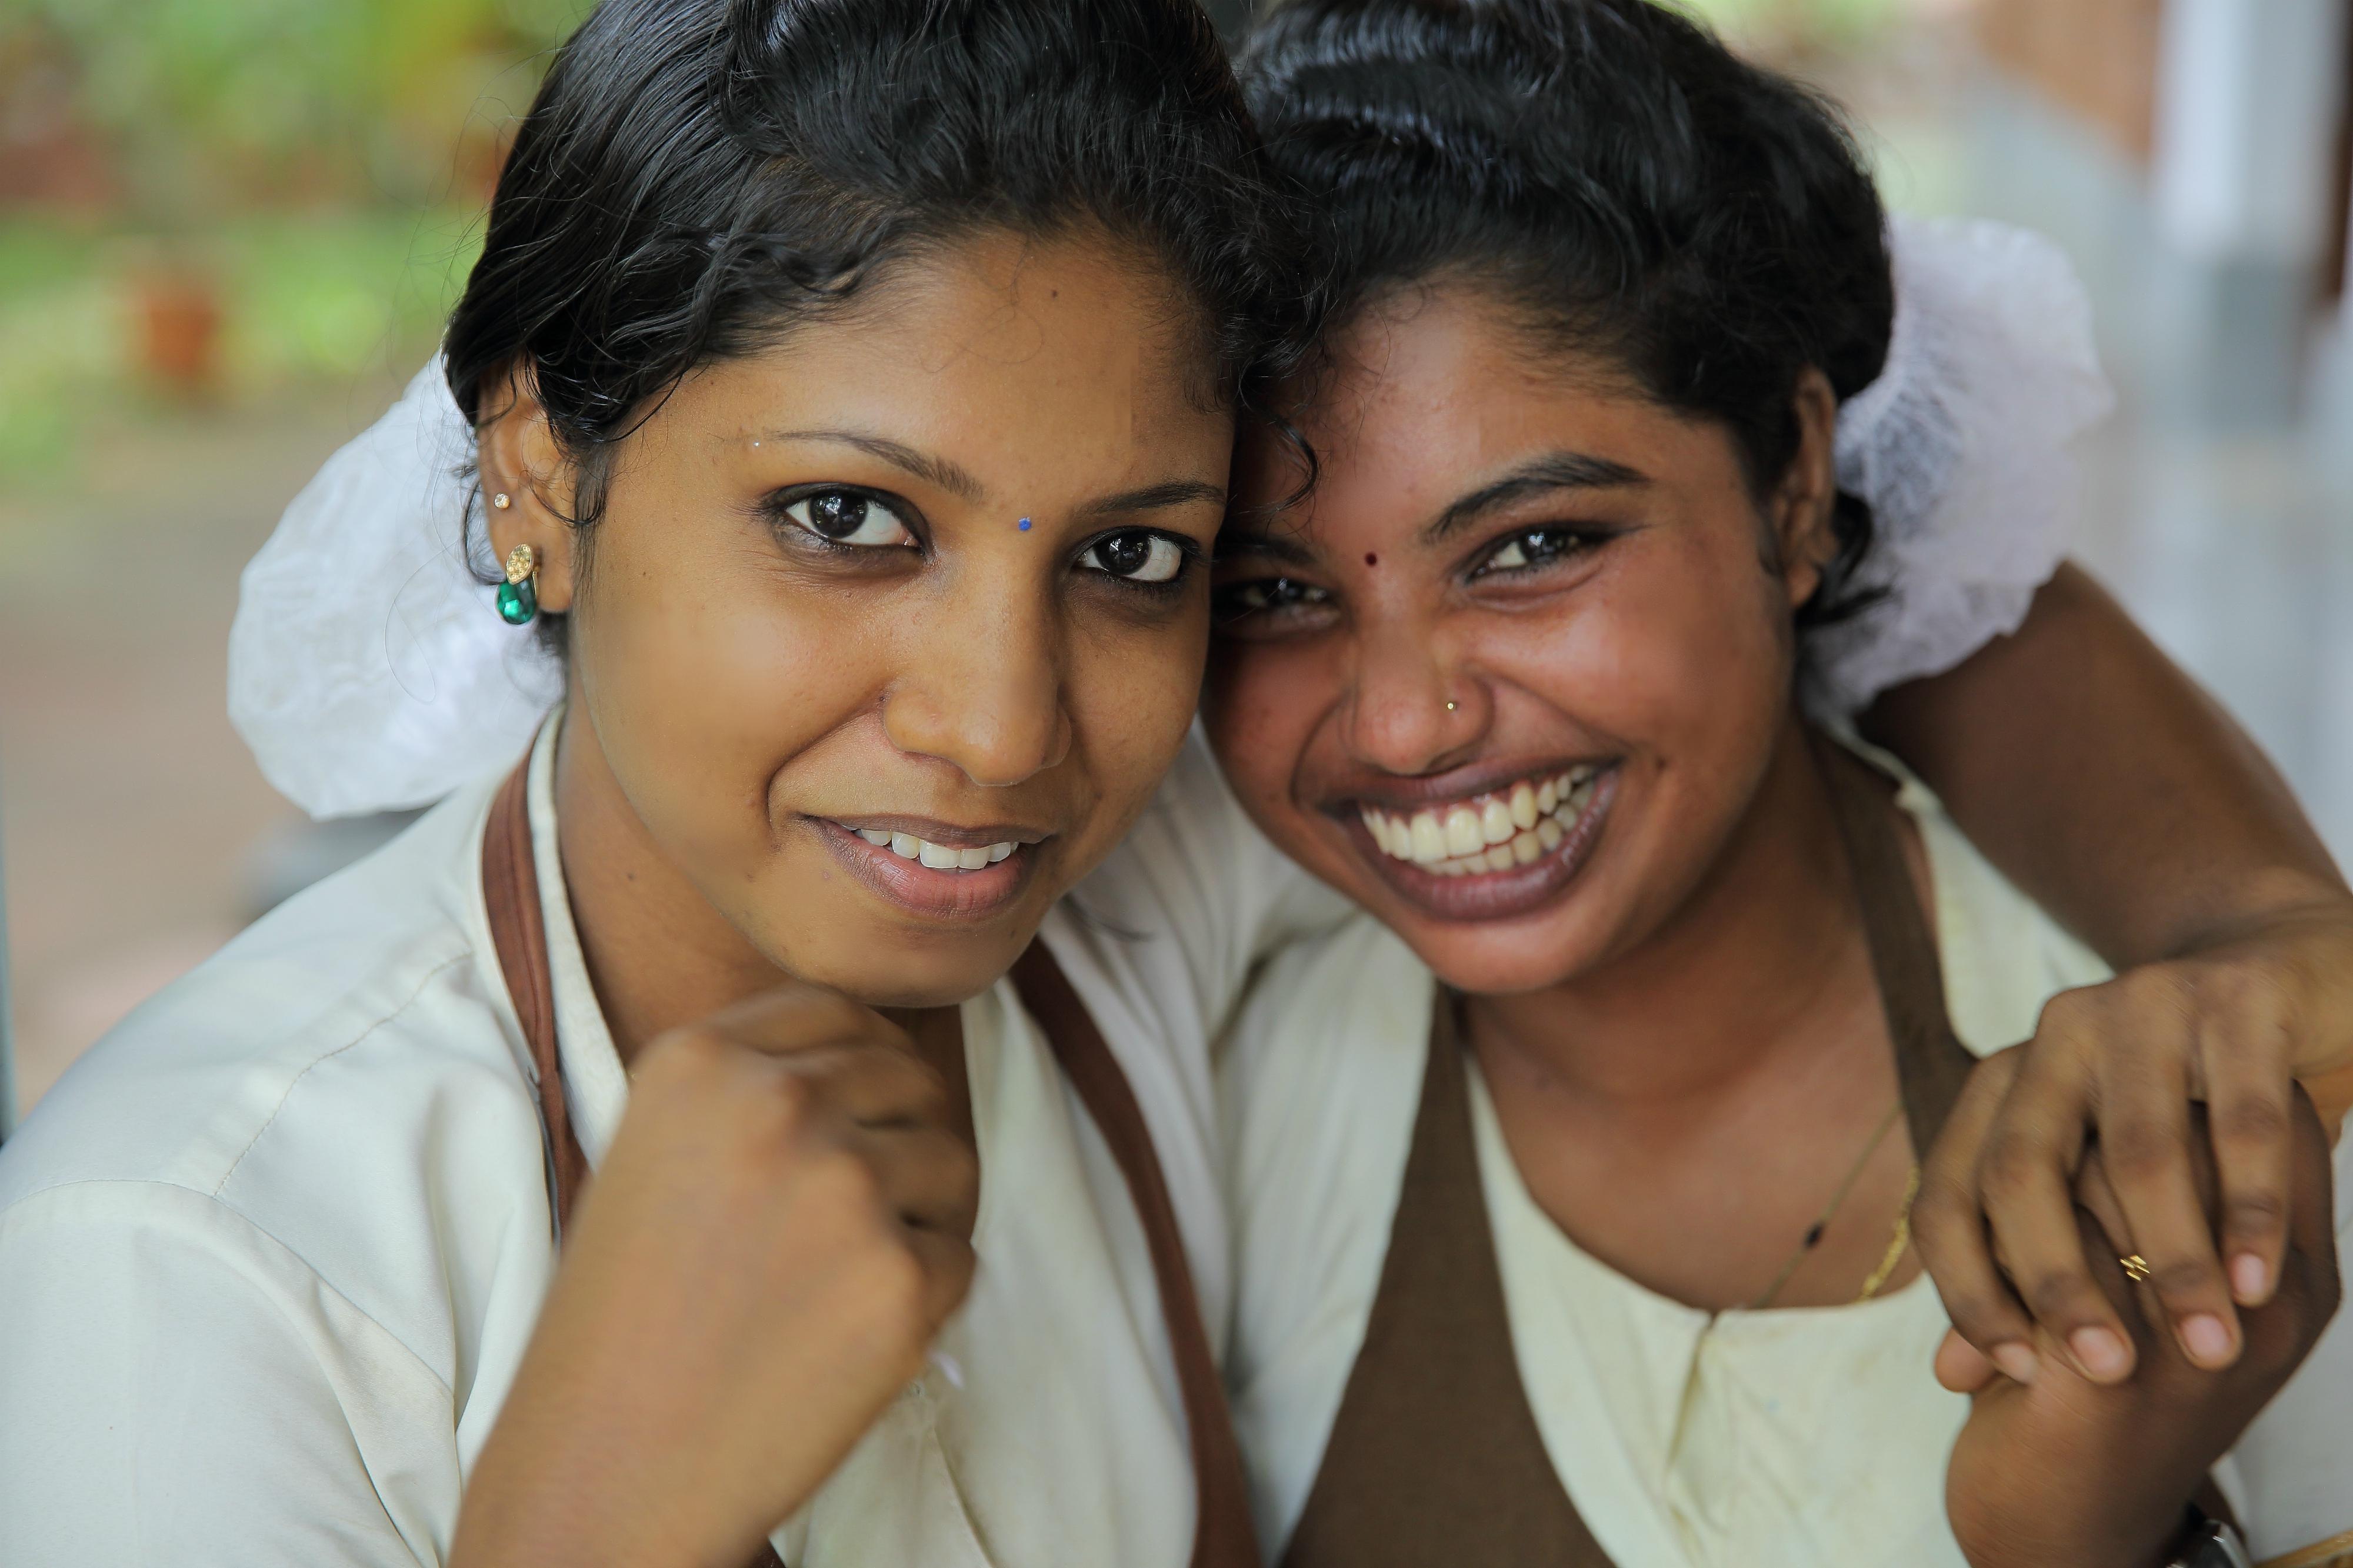 MANALTHEERAM AYURVEDA VILLAGE  <br>-<br> Somatheeram Research Institute and Ayurveda Hospital, Somatheeram Ayurveda Group, obdrželo status NABH (National Accreditation Board for Hospitals and Health Care Providers). NABH je nejvyšší označení pro nemocnice v indickém zdravotníctví.